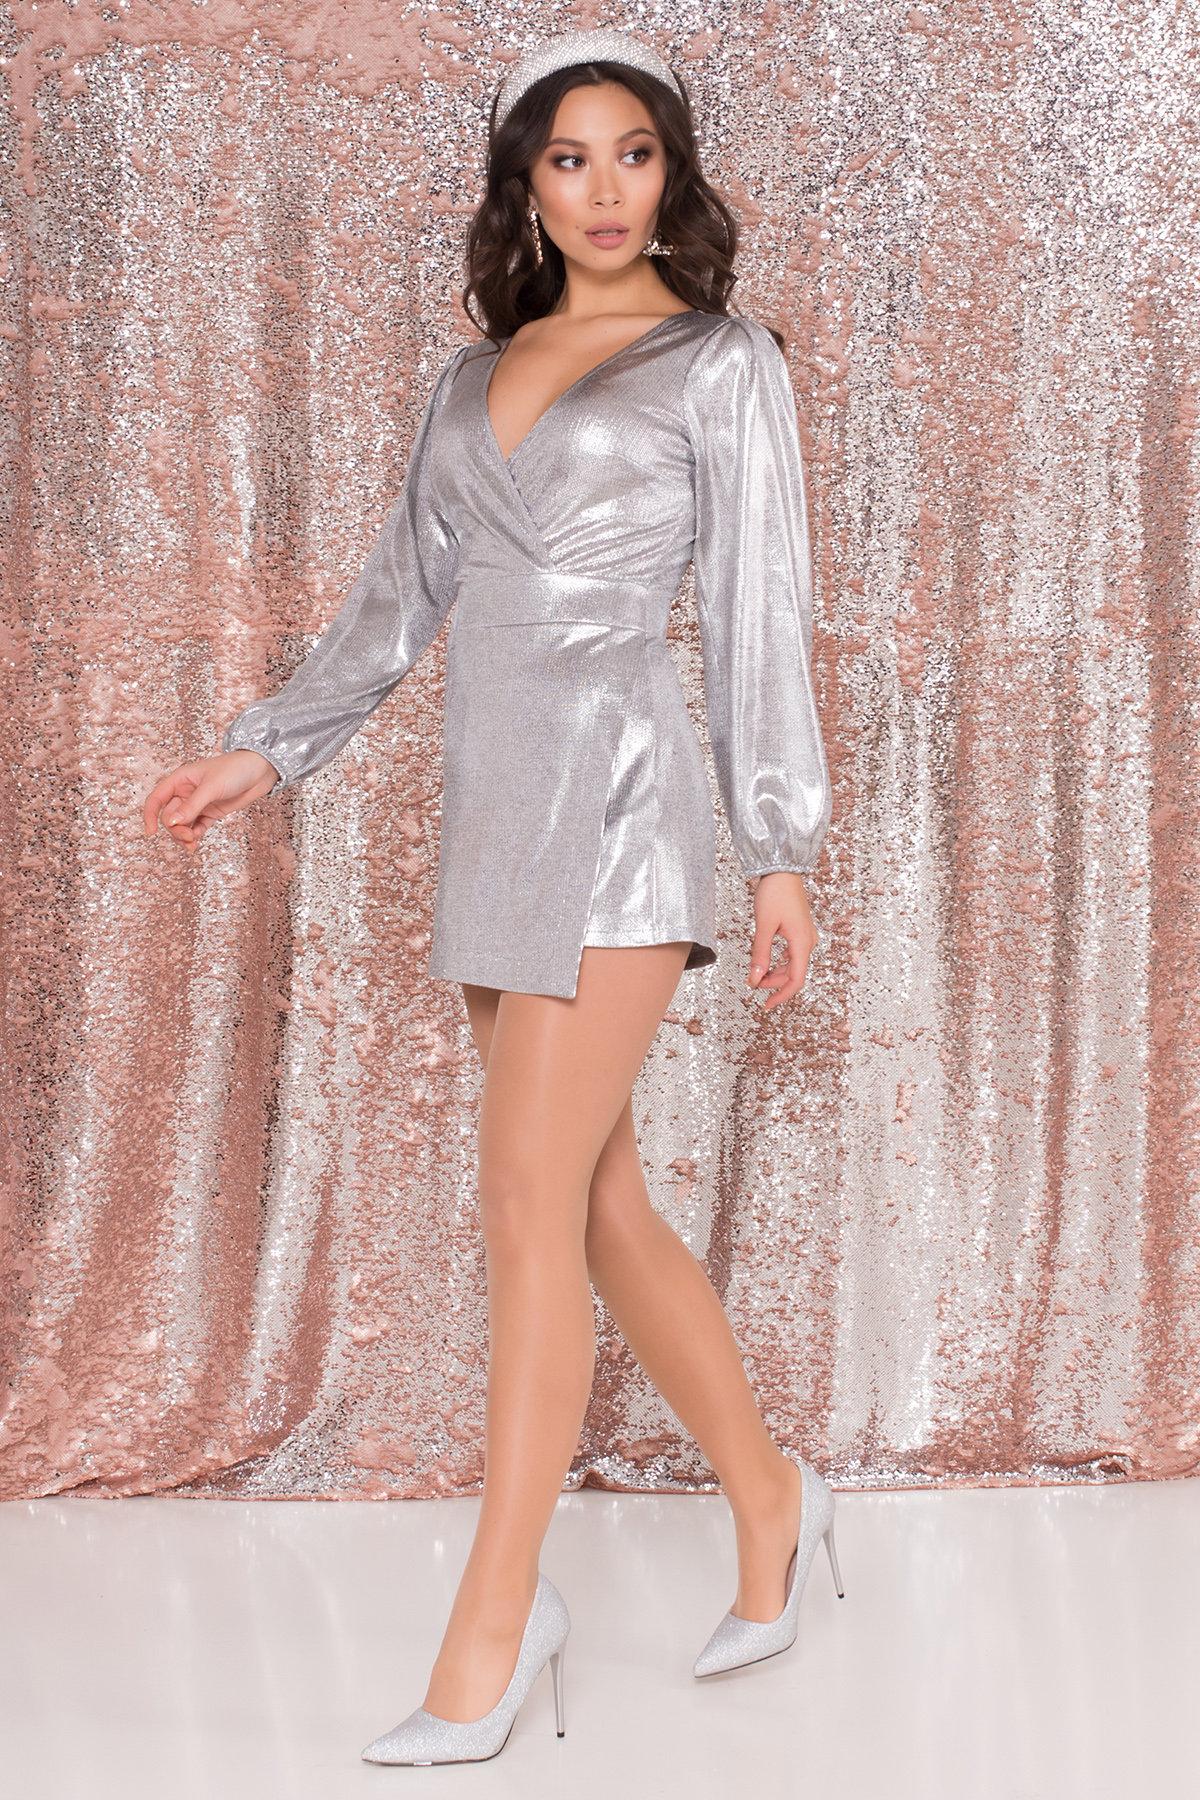 Купить женское платье Комбинезон с шортами цвета металлик Шелли 8553